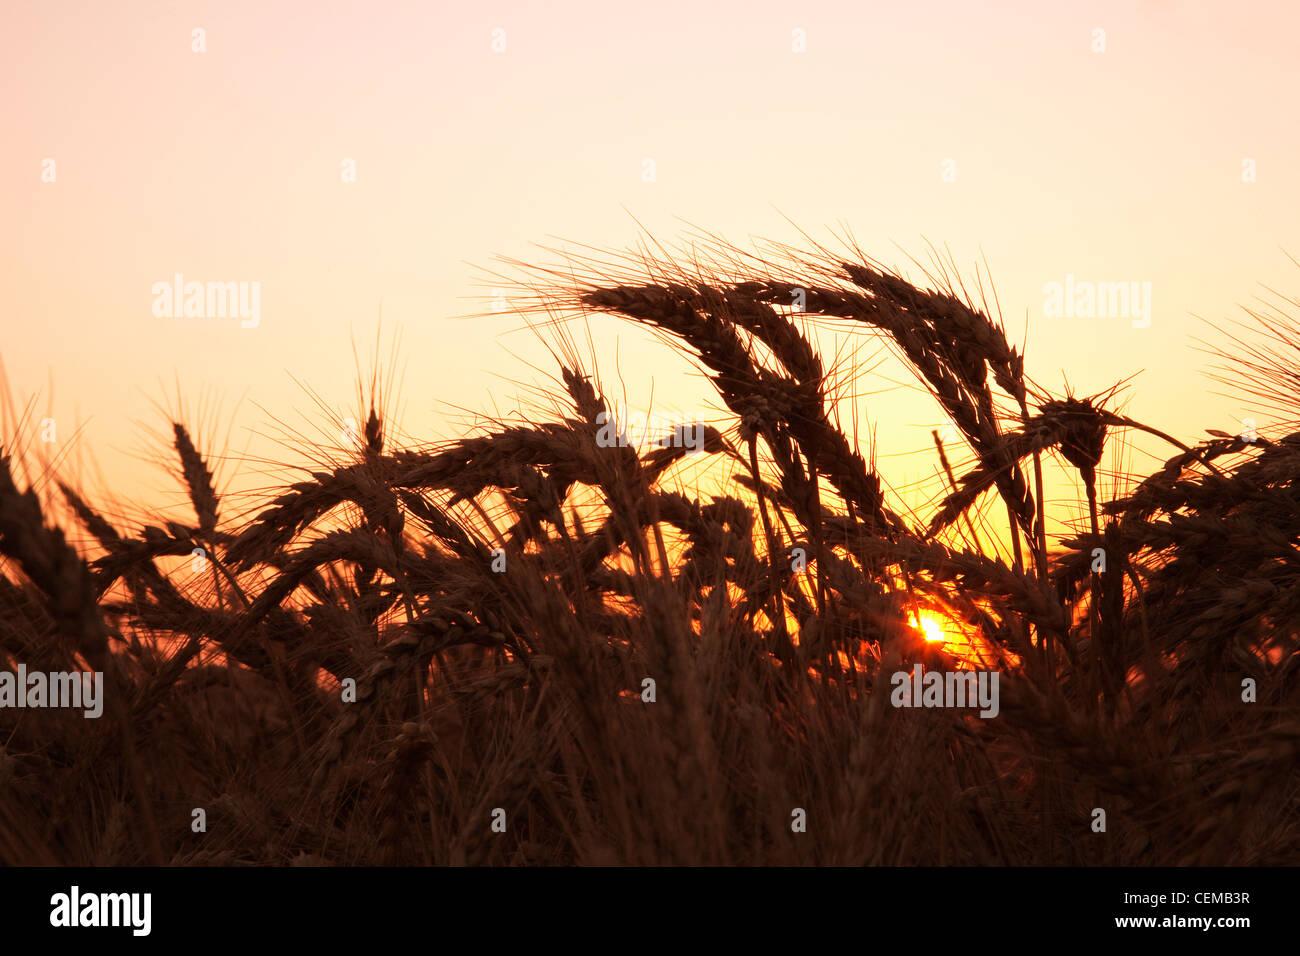 Agricultura - Madura etapa de cosecha de trigo de invierno rojo suave a finales de la primavera al atardecer / este Imagen De Stock